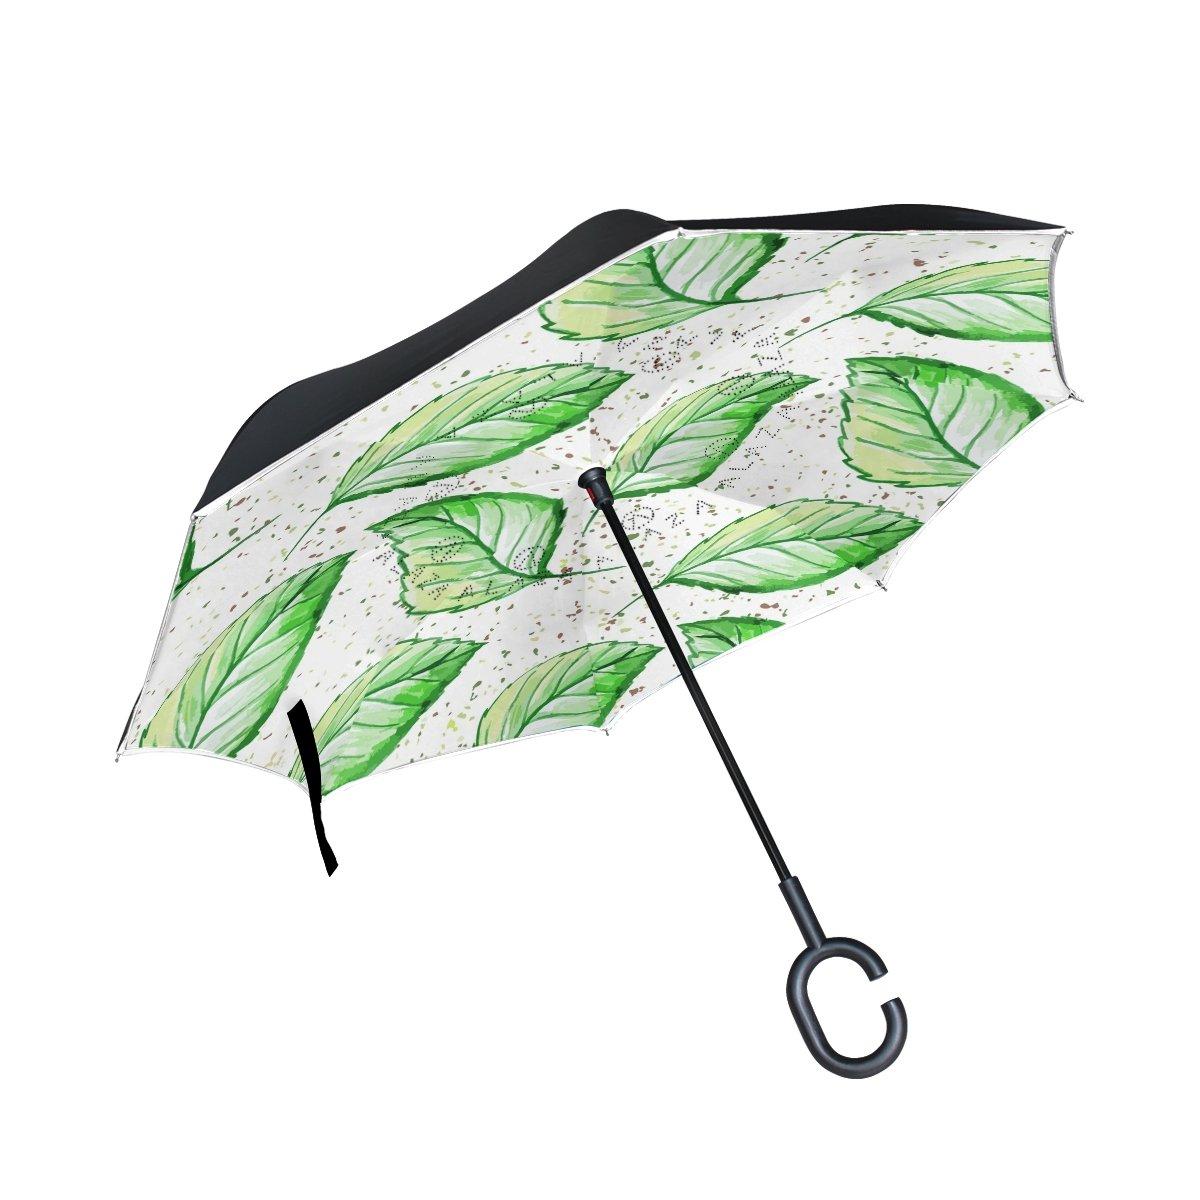 TIZORAX aquarelle Feuilles vertes inversé double couche droites parapluies sur l'envers réversible Parapluie avec poignée en forme de C pour la pluie Soleil de voiture Utilisation